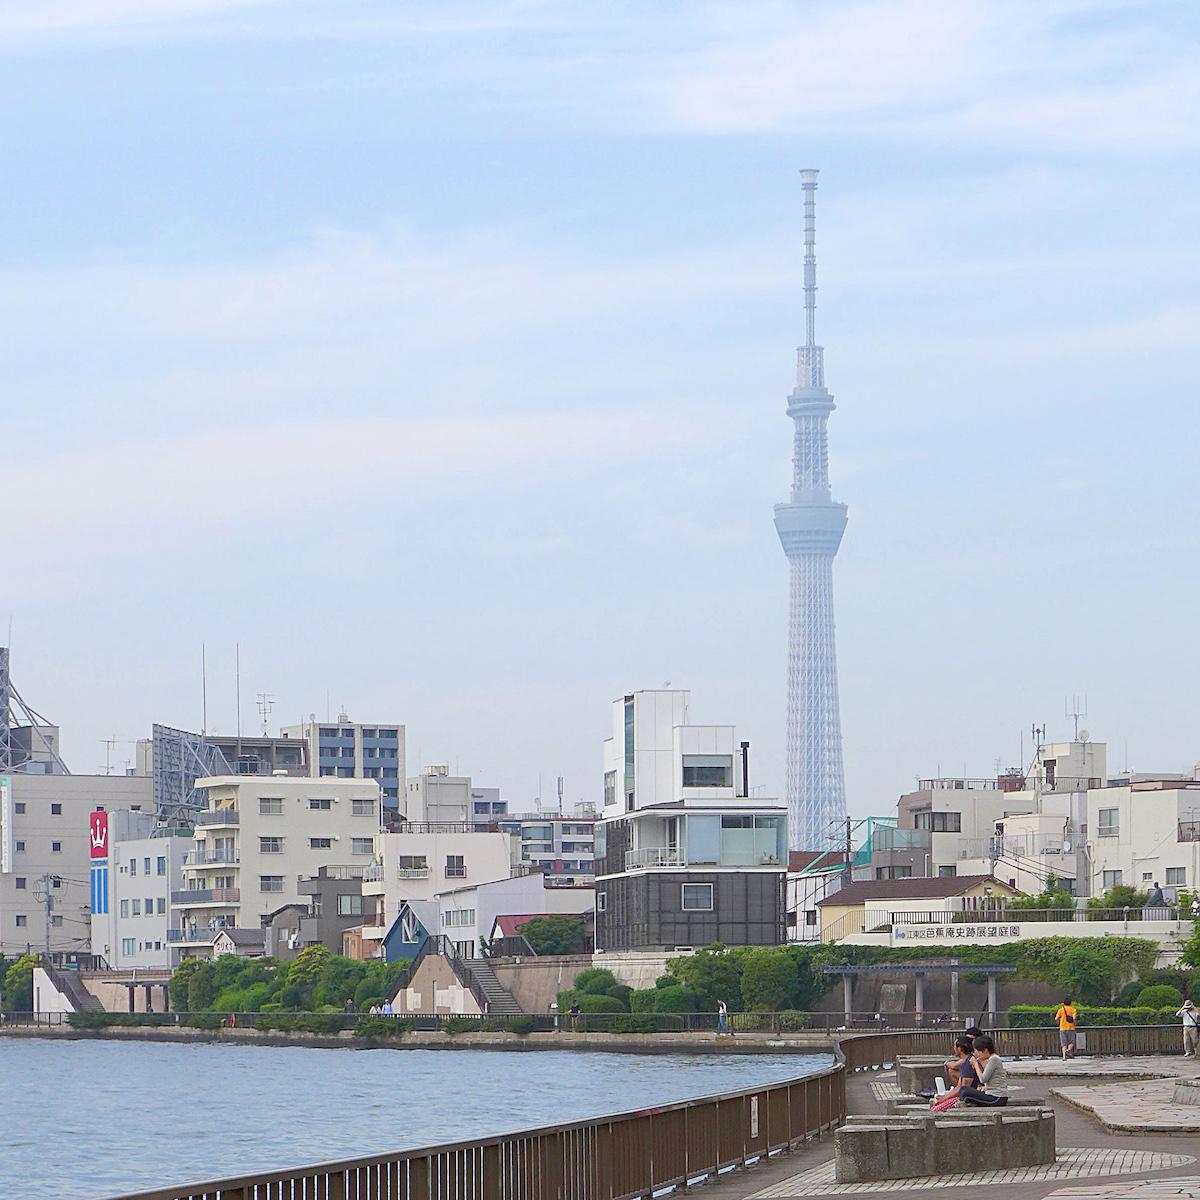 平成・令和を感じる東京散歩<br/> 再開発が生むニューフロンティア<br/> 【51号 東京を時空旅行!】